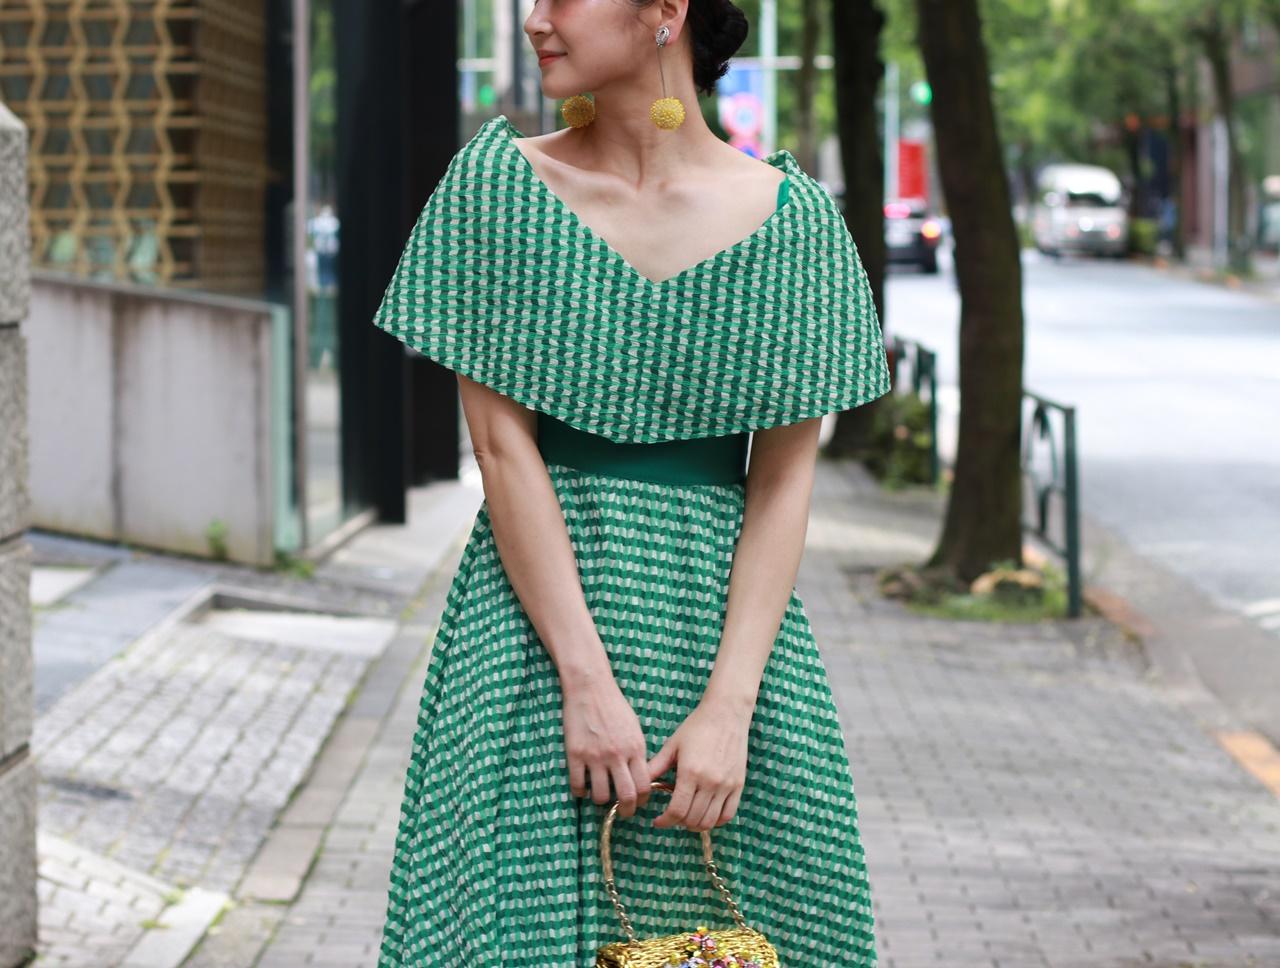 ドレスのサブスクで物を持たずに賢くおしゃれを楽しむ時代